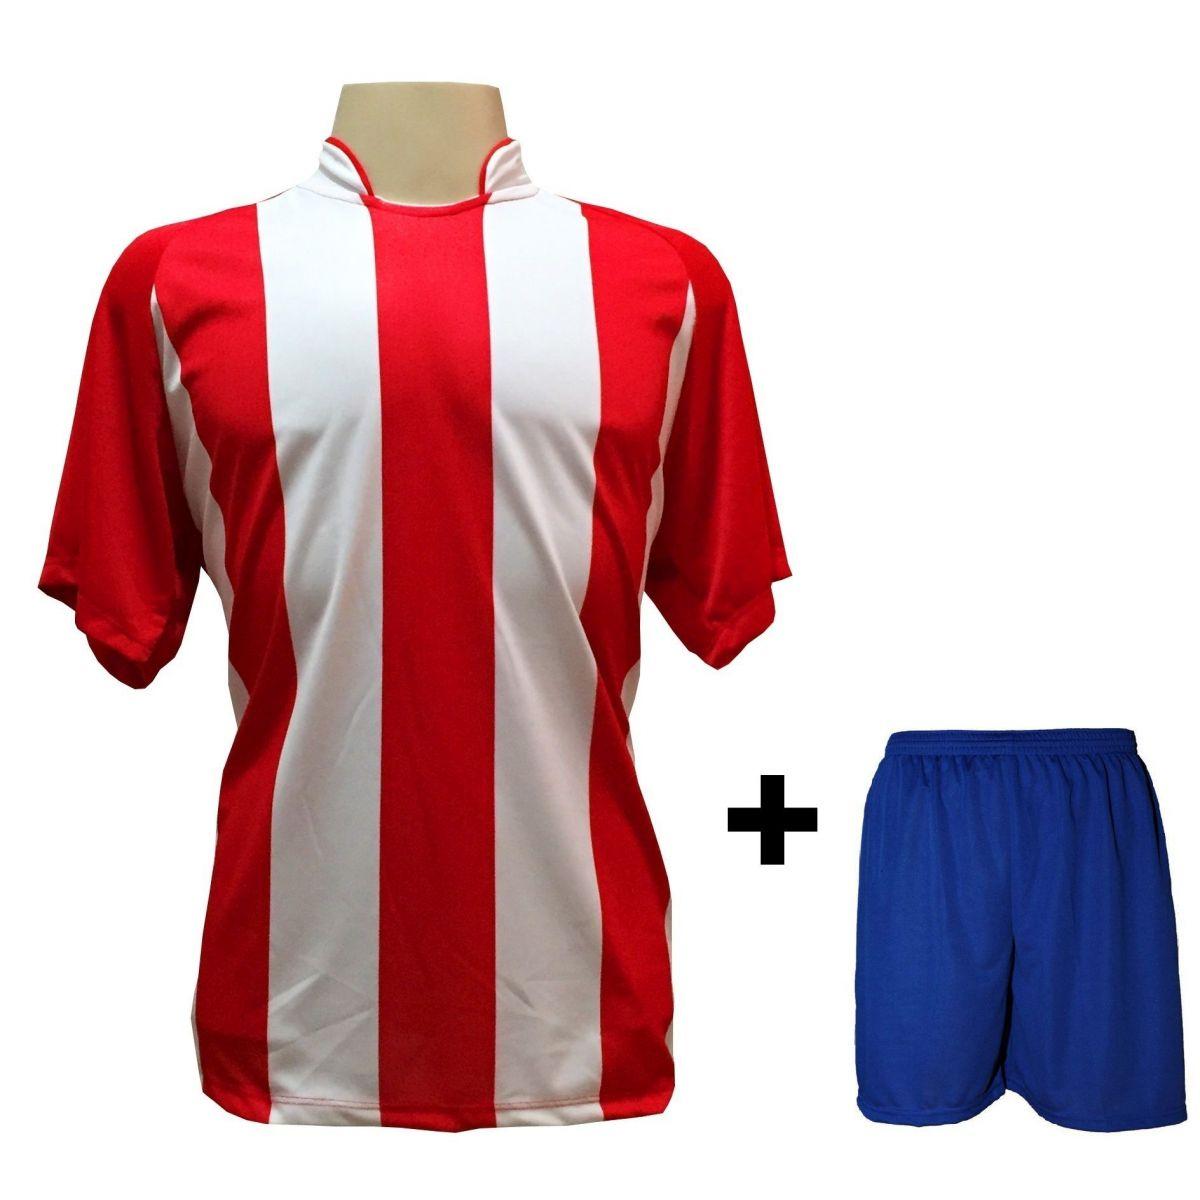 Uniforme Esportivo com 20 Camisas modelo Milan Vermelho/Branco + 20 Calções modelo Madrid Royal